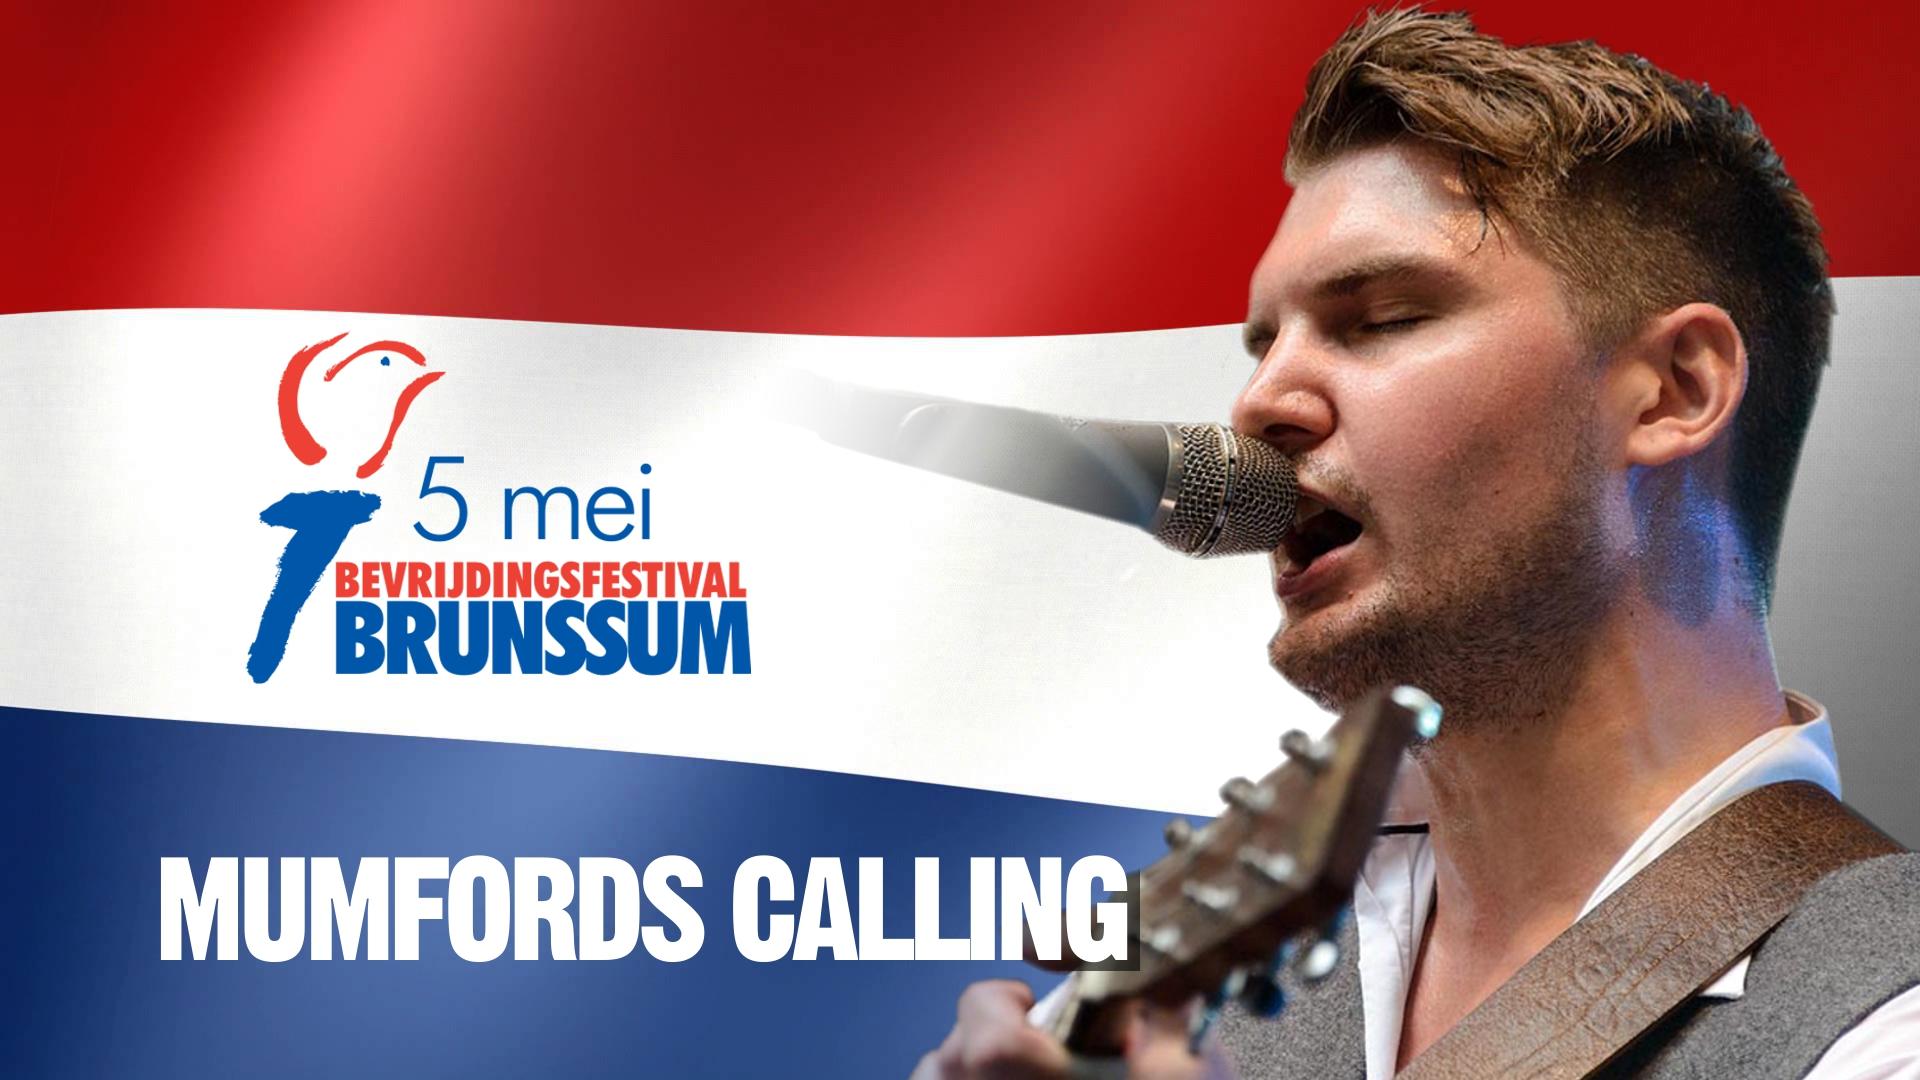 Mumfords Calling